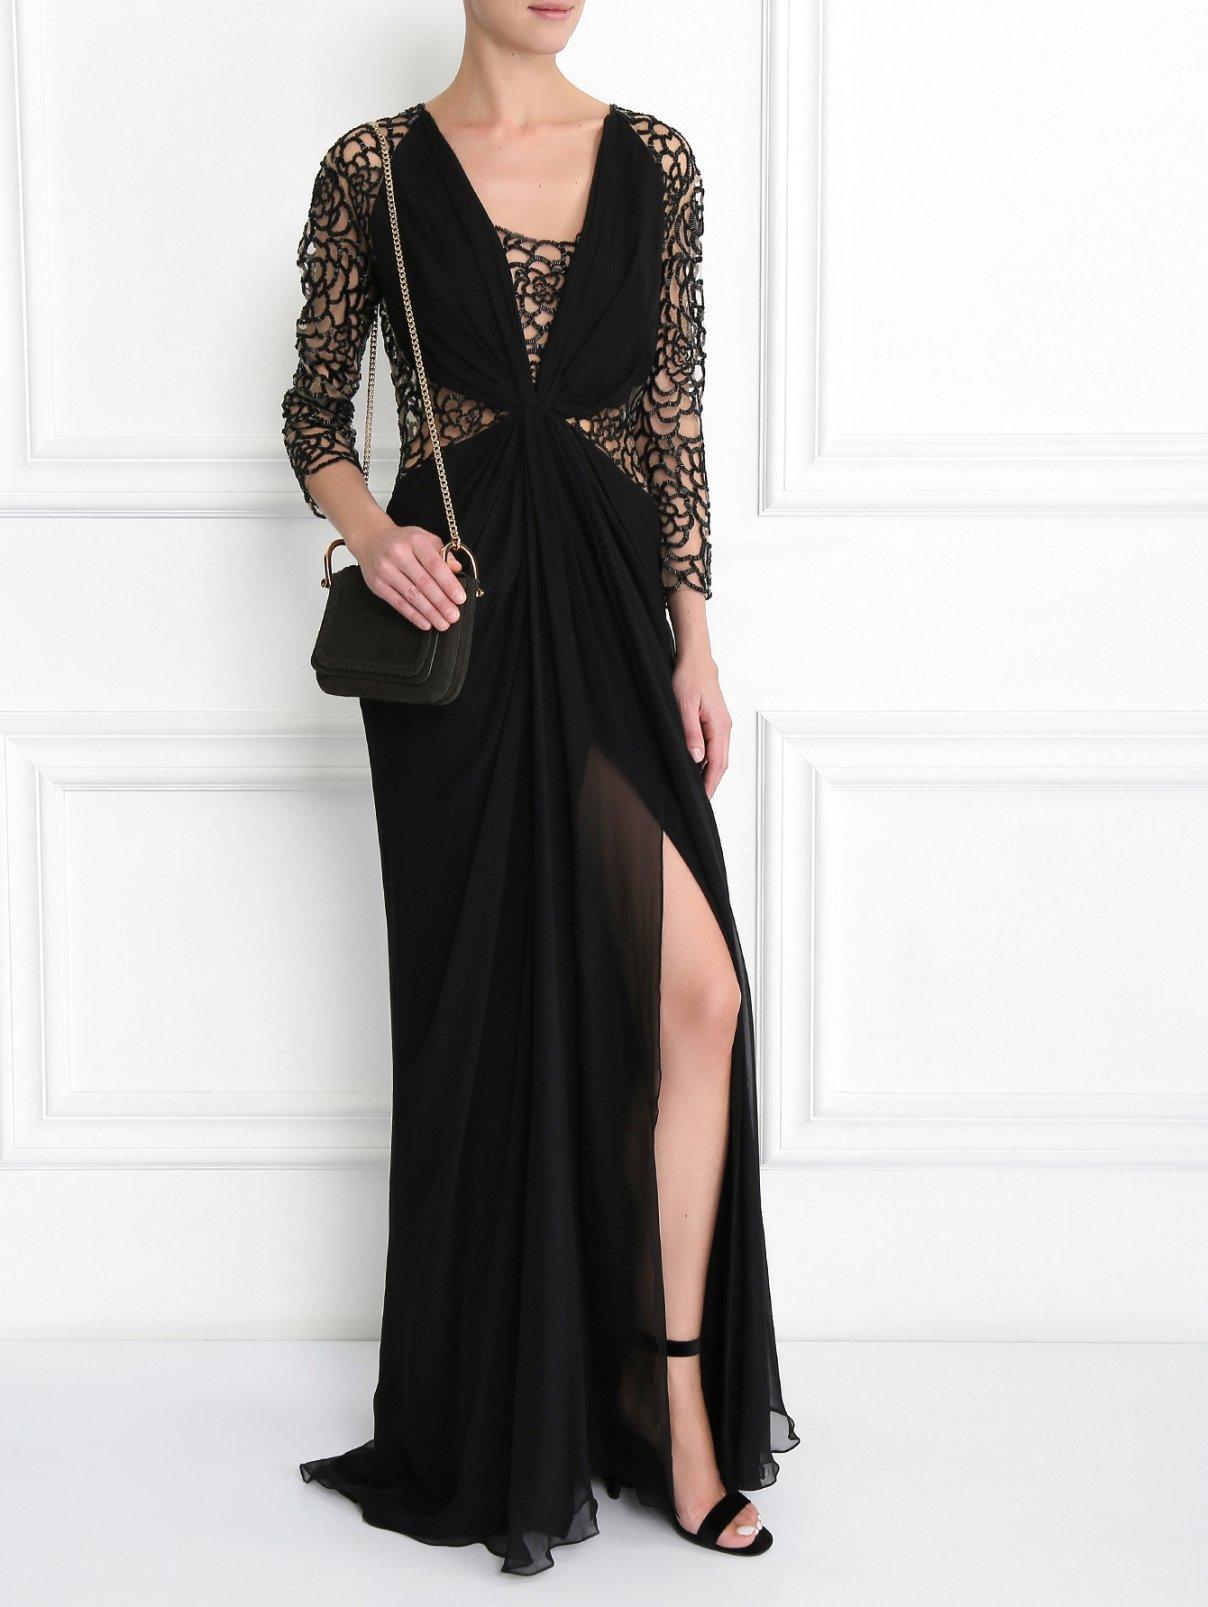 Платье-макси из шелка декорированное бисером Zuhair Murad  –  Модель Общий вид